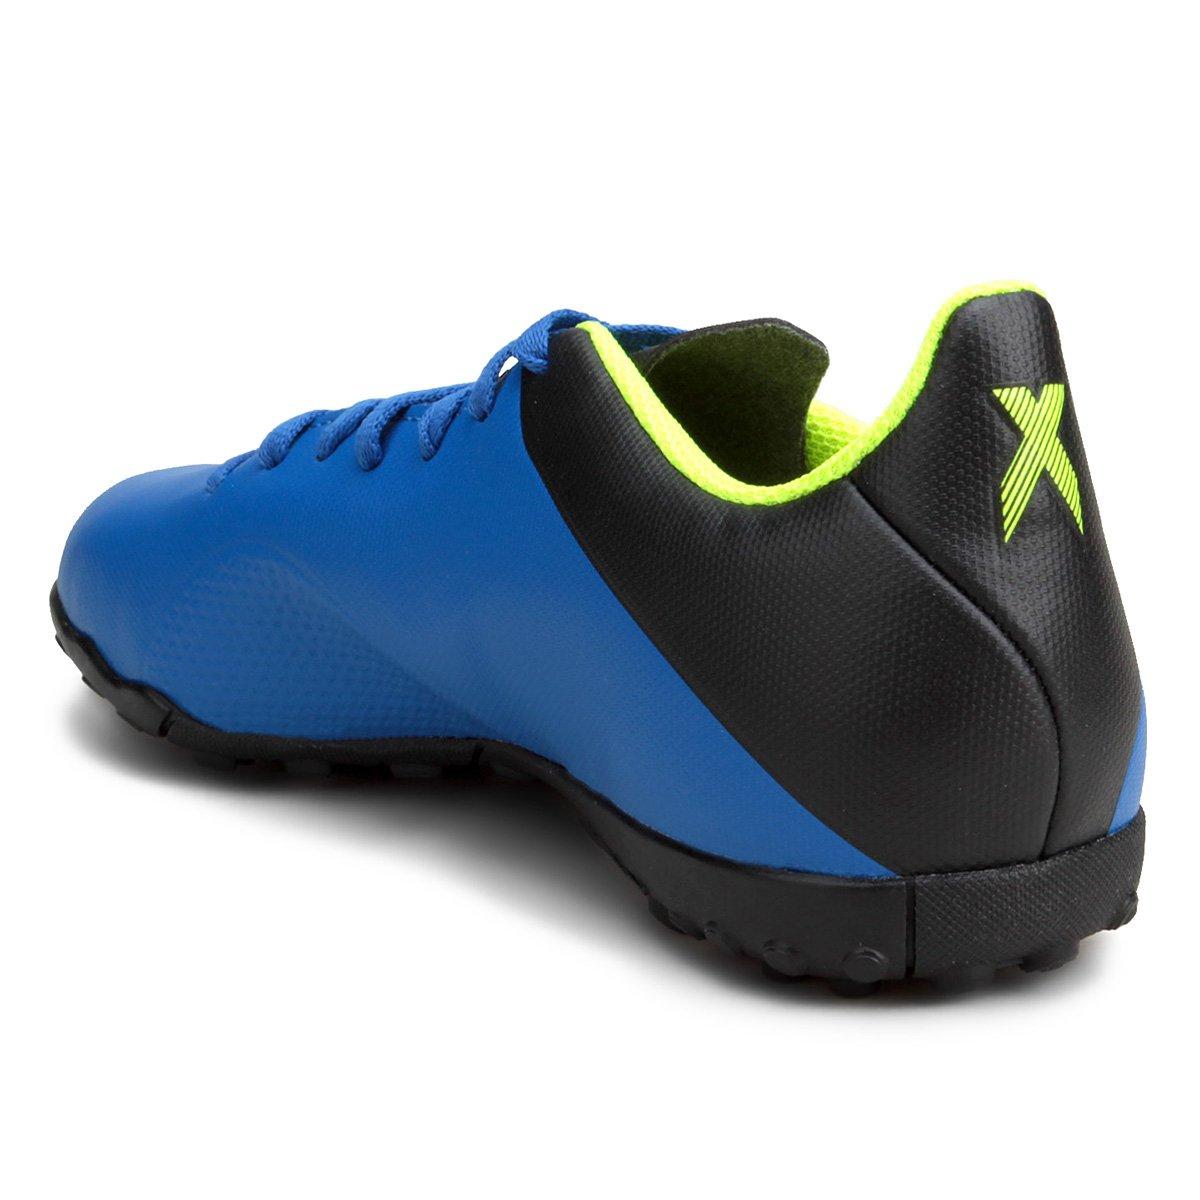 Chuteira Society Adidas X Tango 18 4 TF - Azul e Preto - Compre ... e9be94f6e85f4